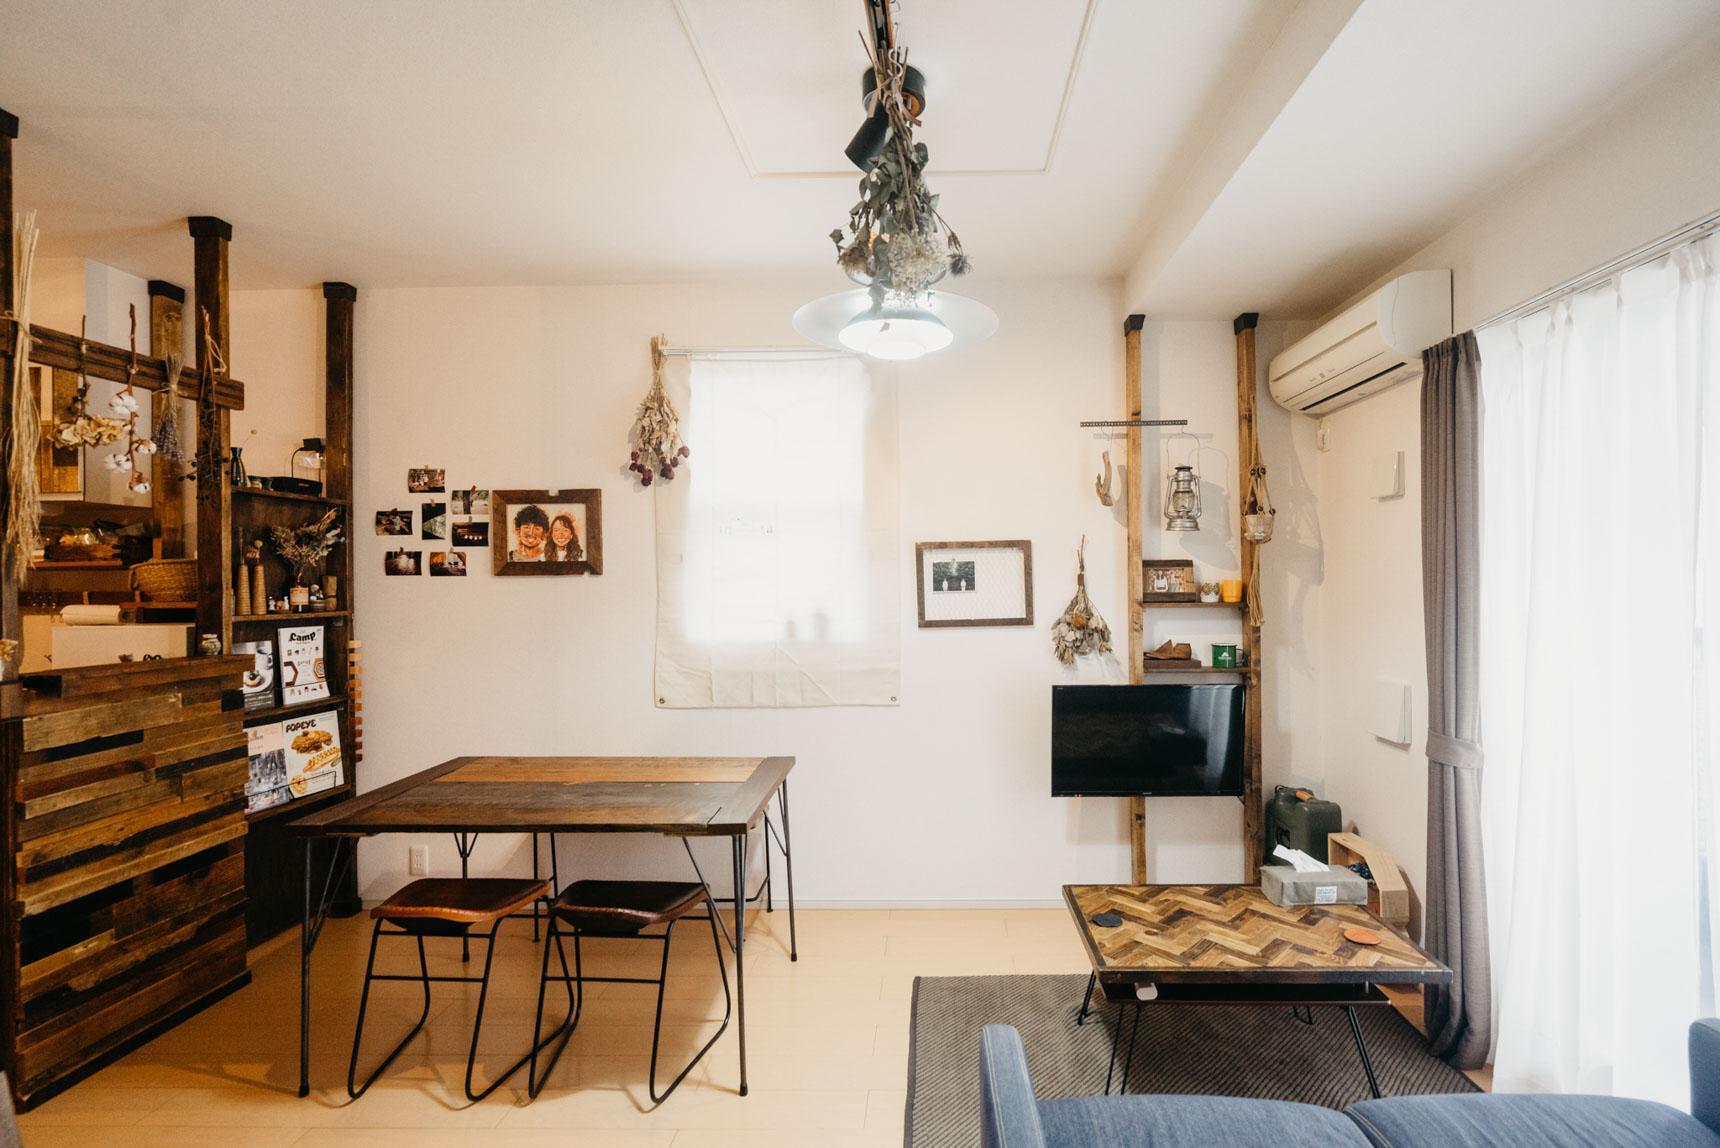 キッチンも入れて13畳ほどのLDK。使われている木材の色味が揃っているので、お揃いの家具みたい。